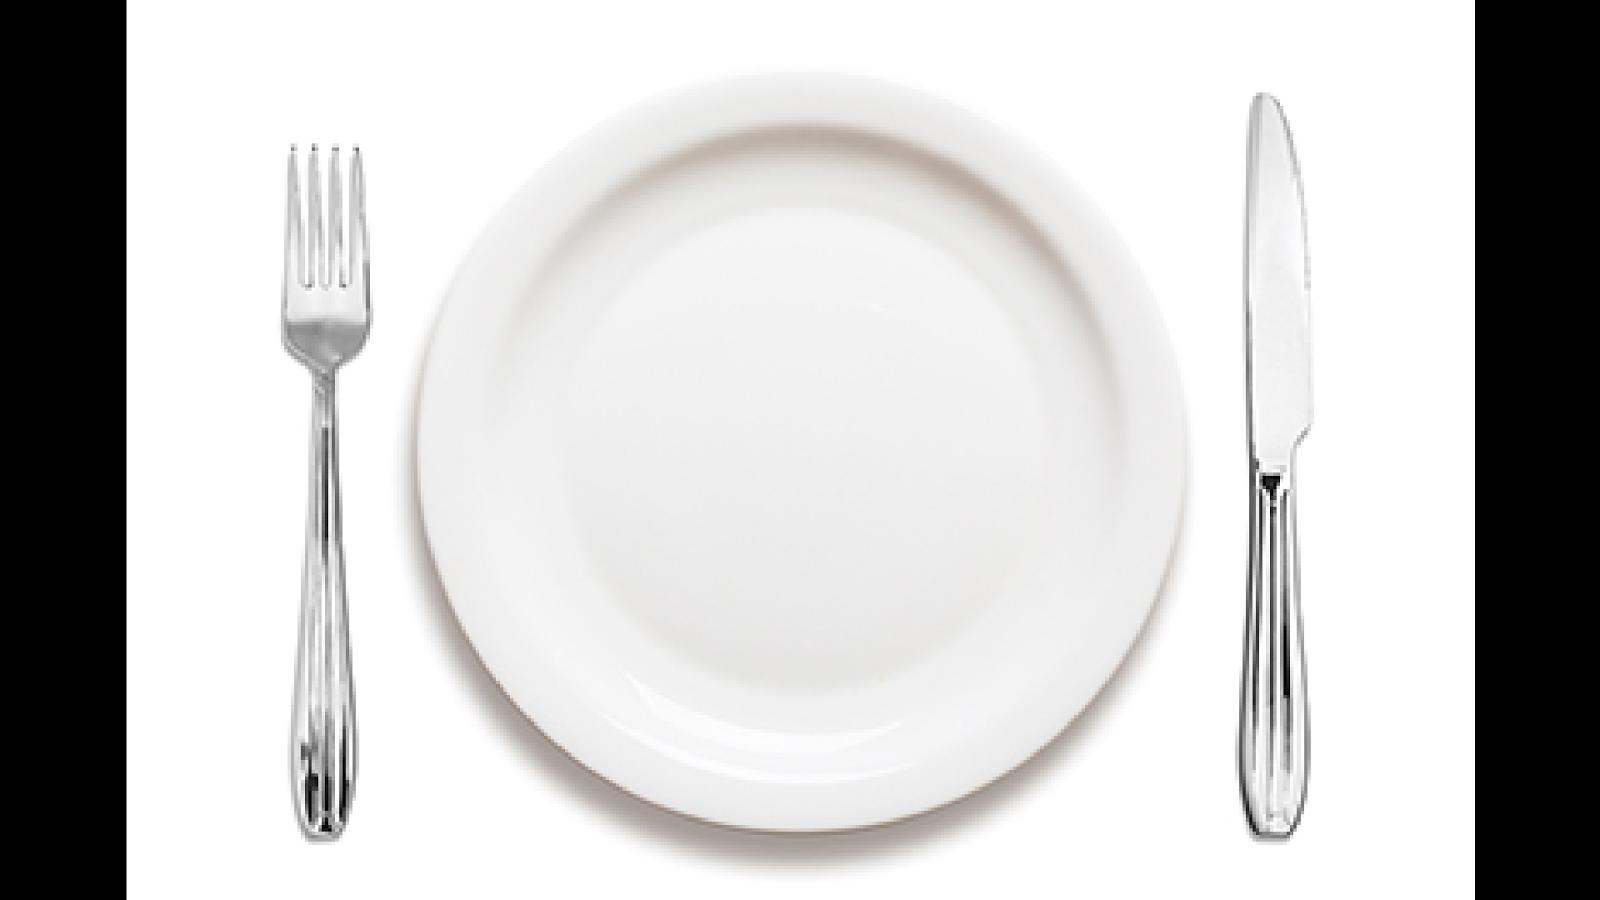 Marcos preimpresi n foto montaje platos con selecciones for Plato tenedor y cuchillo